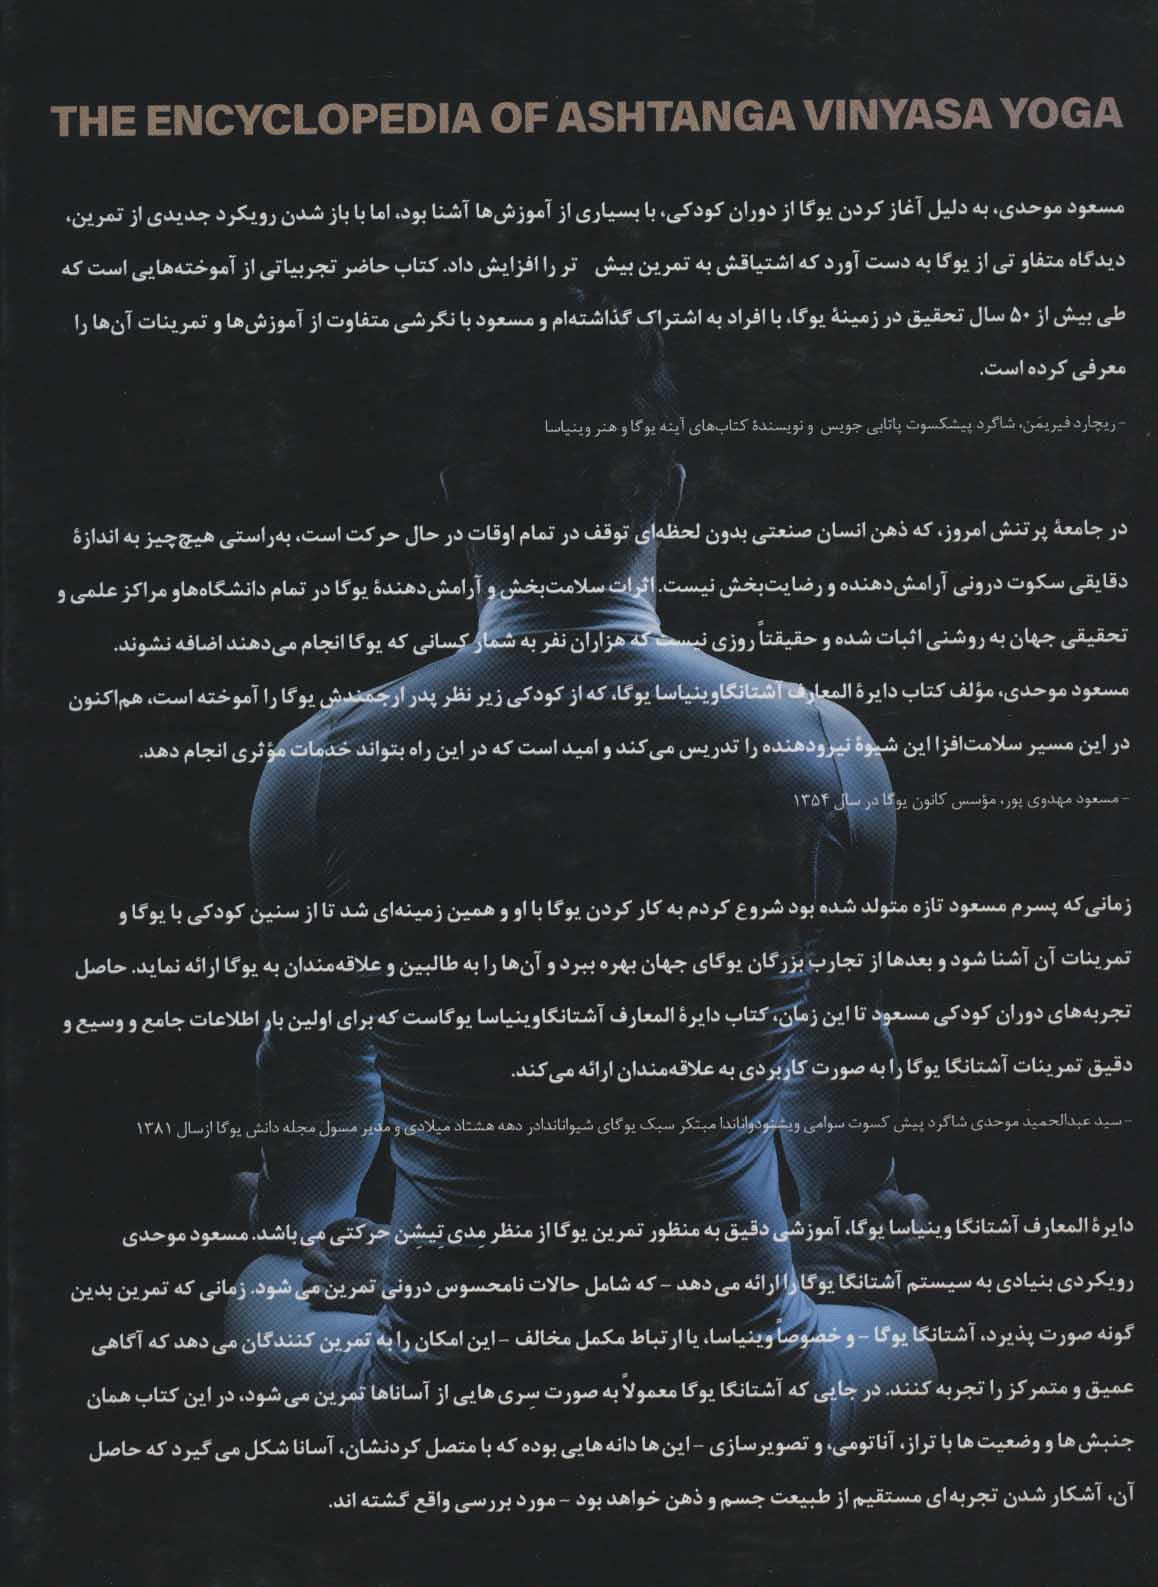 دایره المعارف آشتانگاوینیاسا یوگا جلدهای 1و2 (هنر نهفته در اتحاد جسم و ذهن) + آناتومی